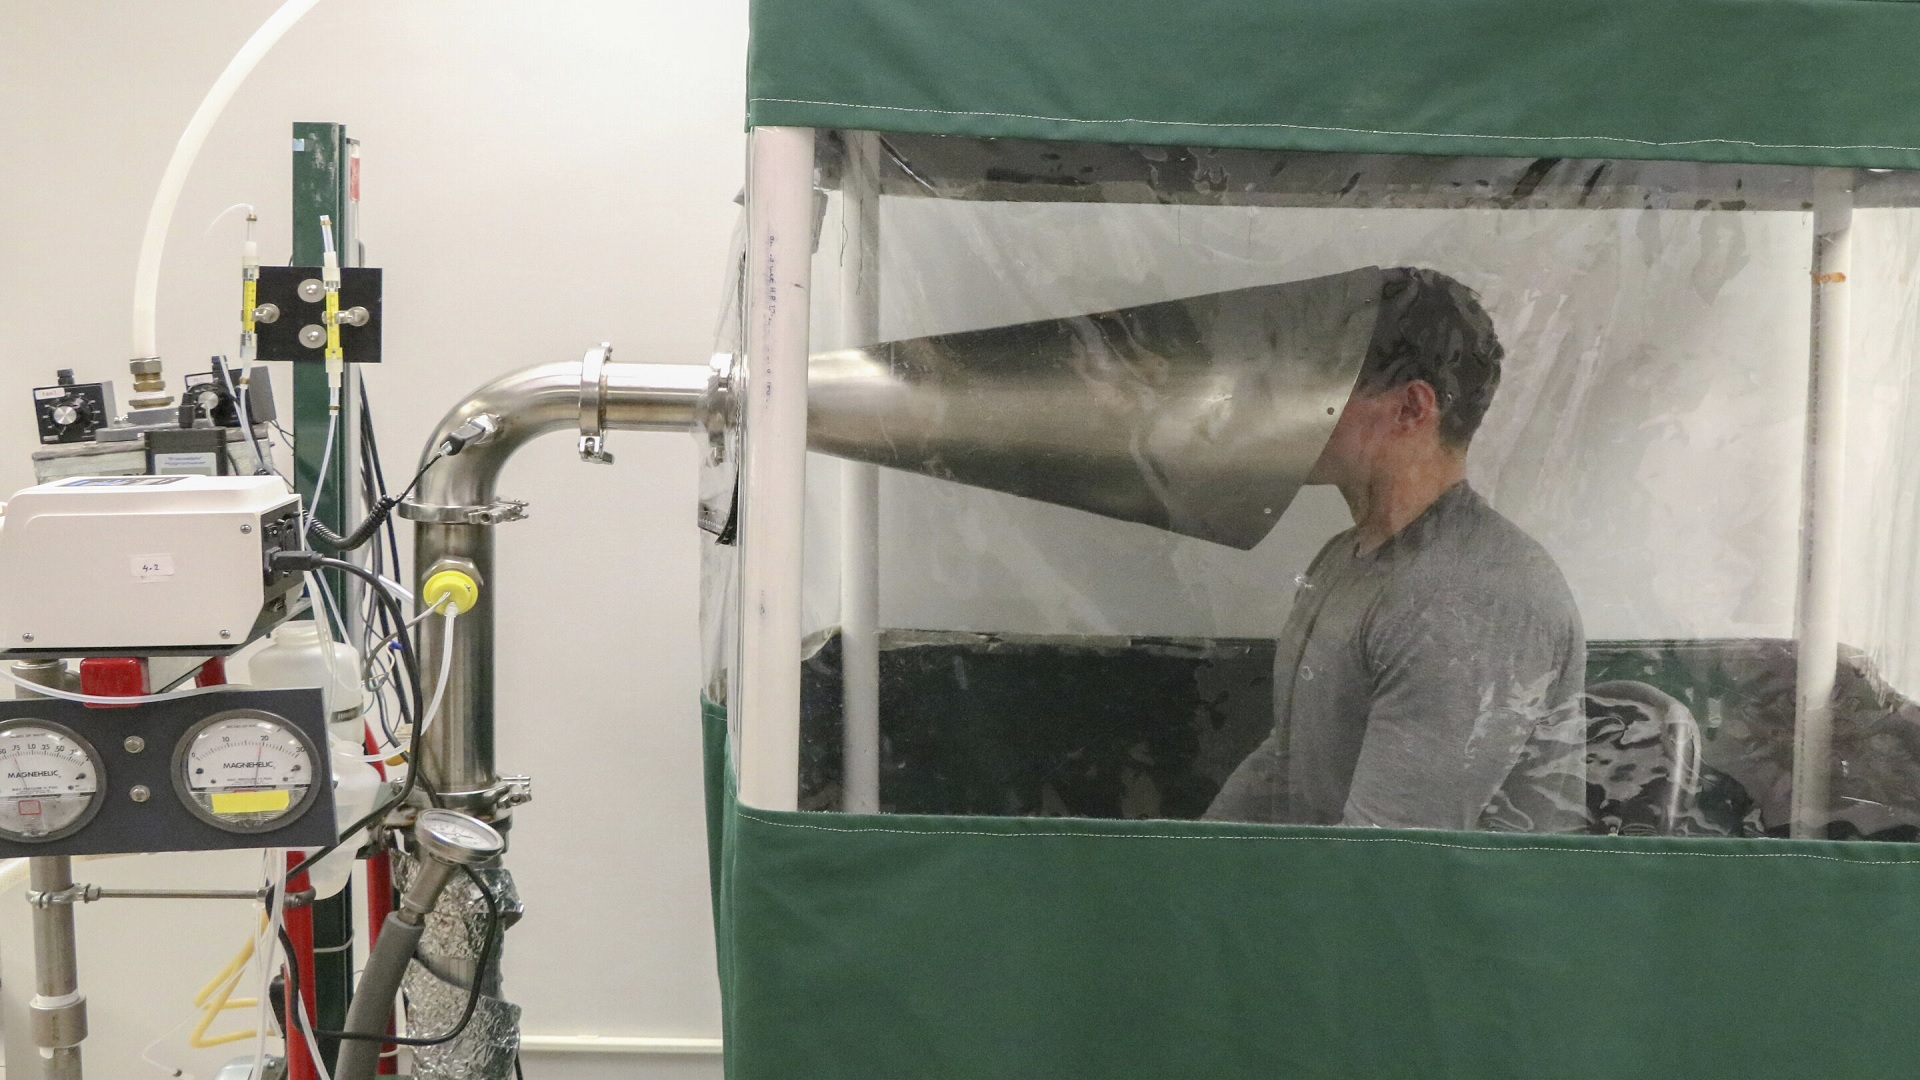 Κορωνοϊός μετάδοση μόλυνση: Προβληματίζουν τα μικροσκοπικά αερομεταφερόμενα σωματίδια